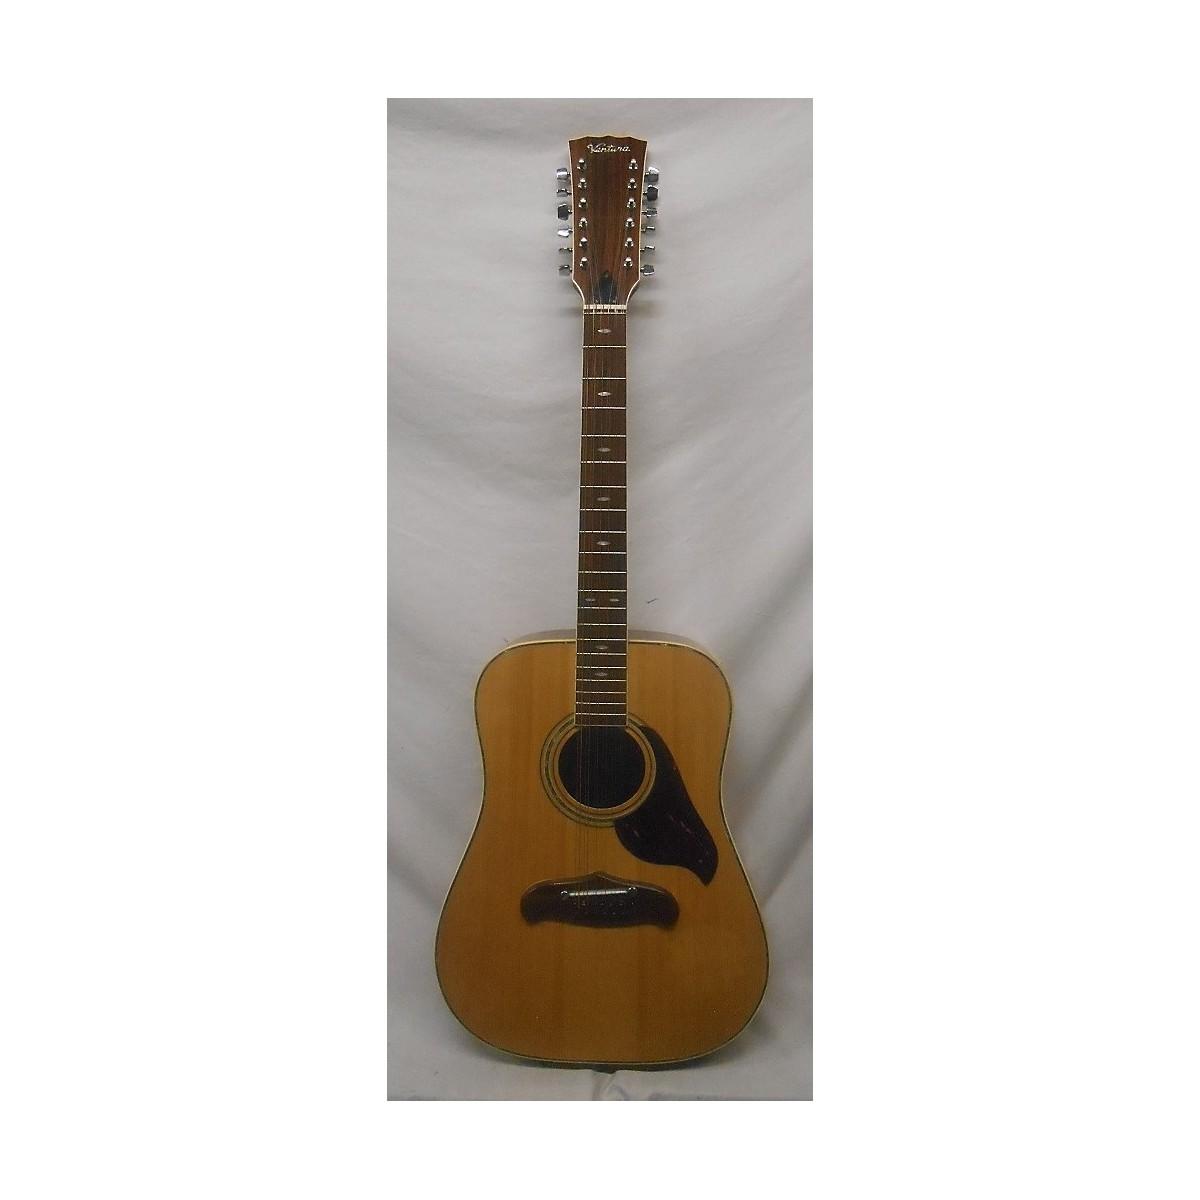 In Store Vintage Vintage 1970s 1970s Ventura V-16 MIJ 12-String Acoustic OHSC Natural 12 String Acoustic Guitar